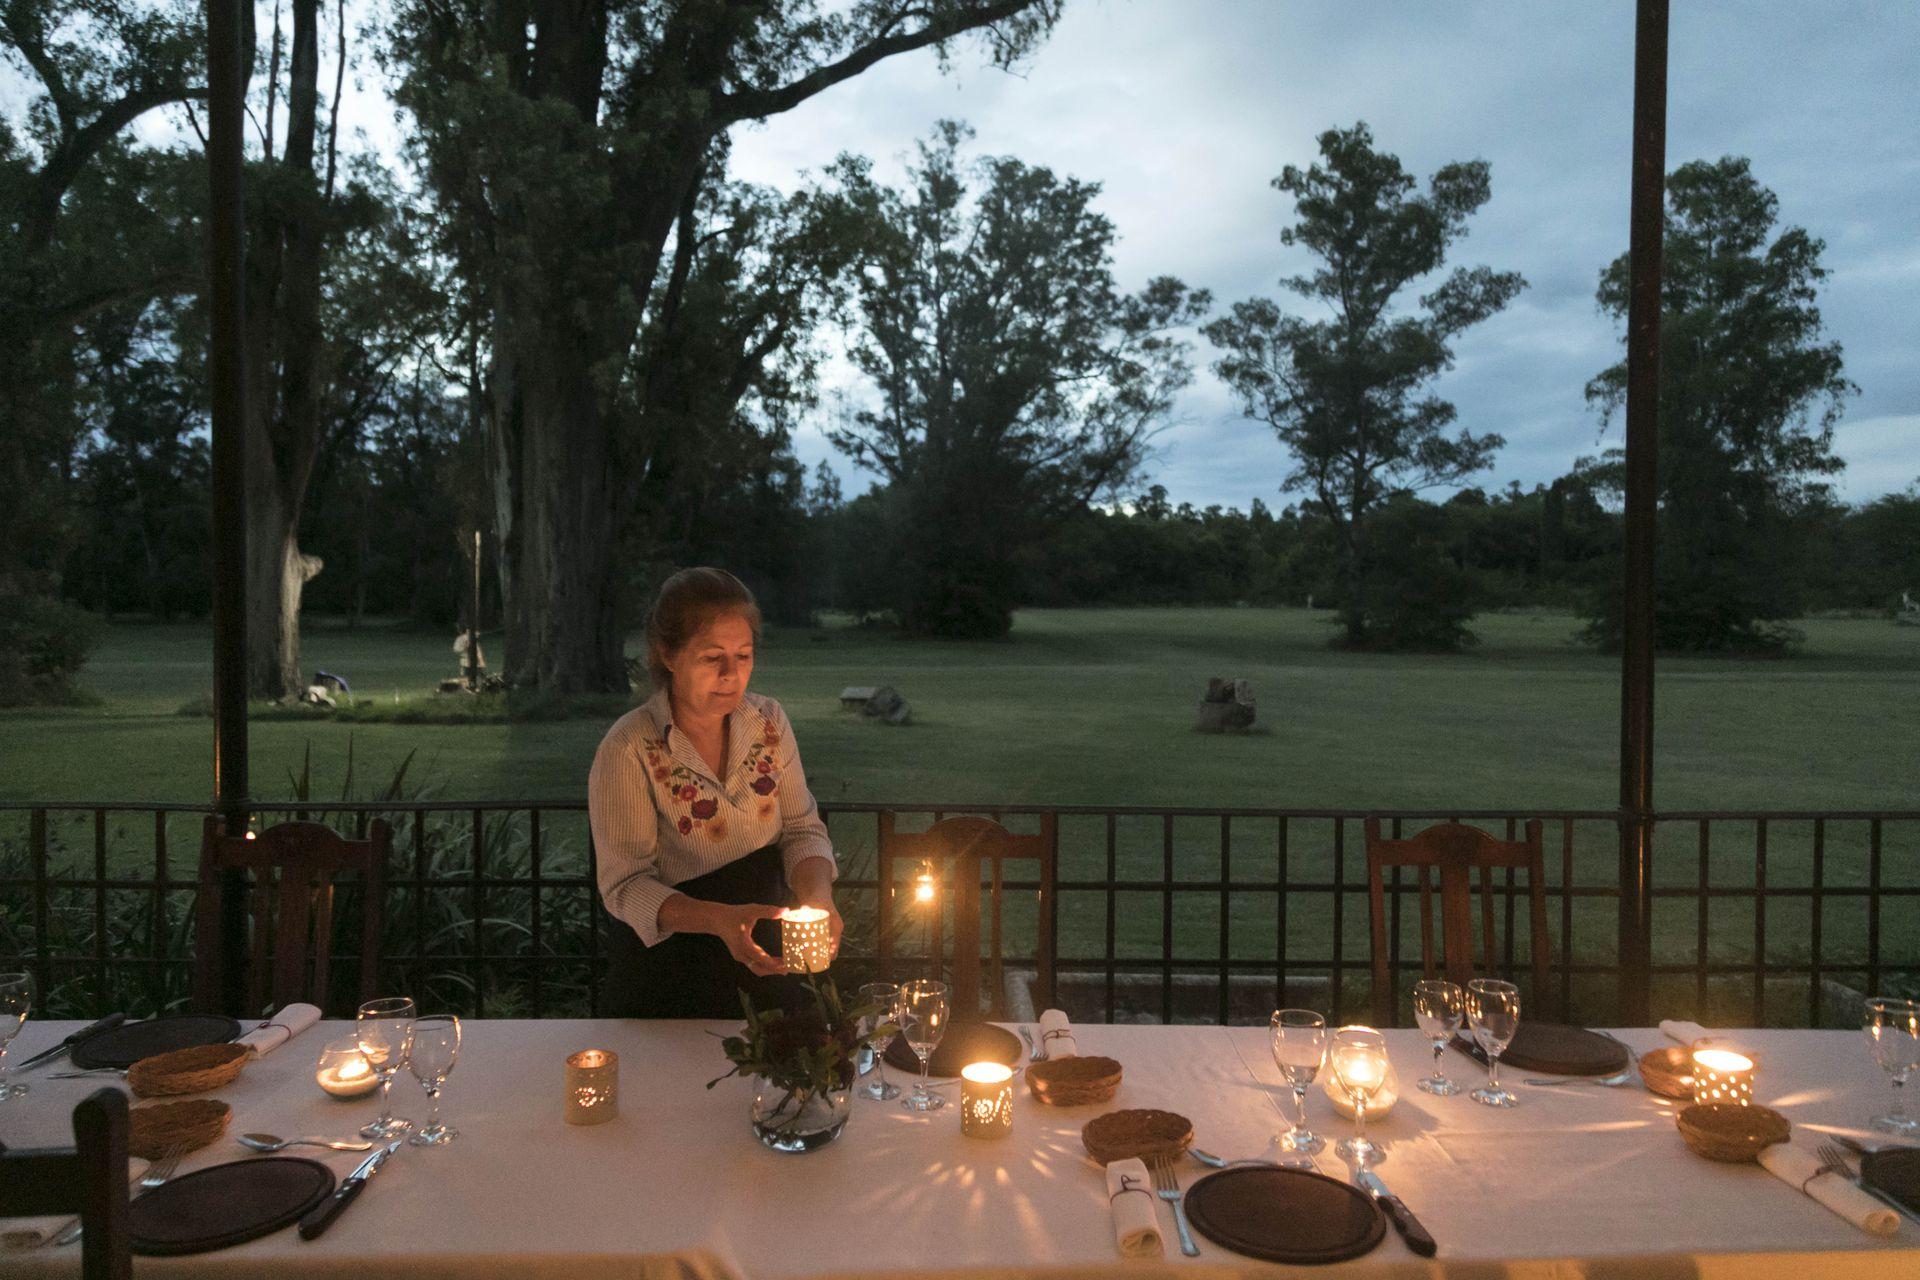 A la luz de las velas, la mesa servida en la galería con vista al extenso parque.